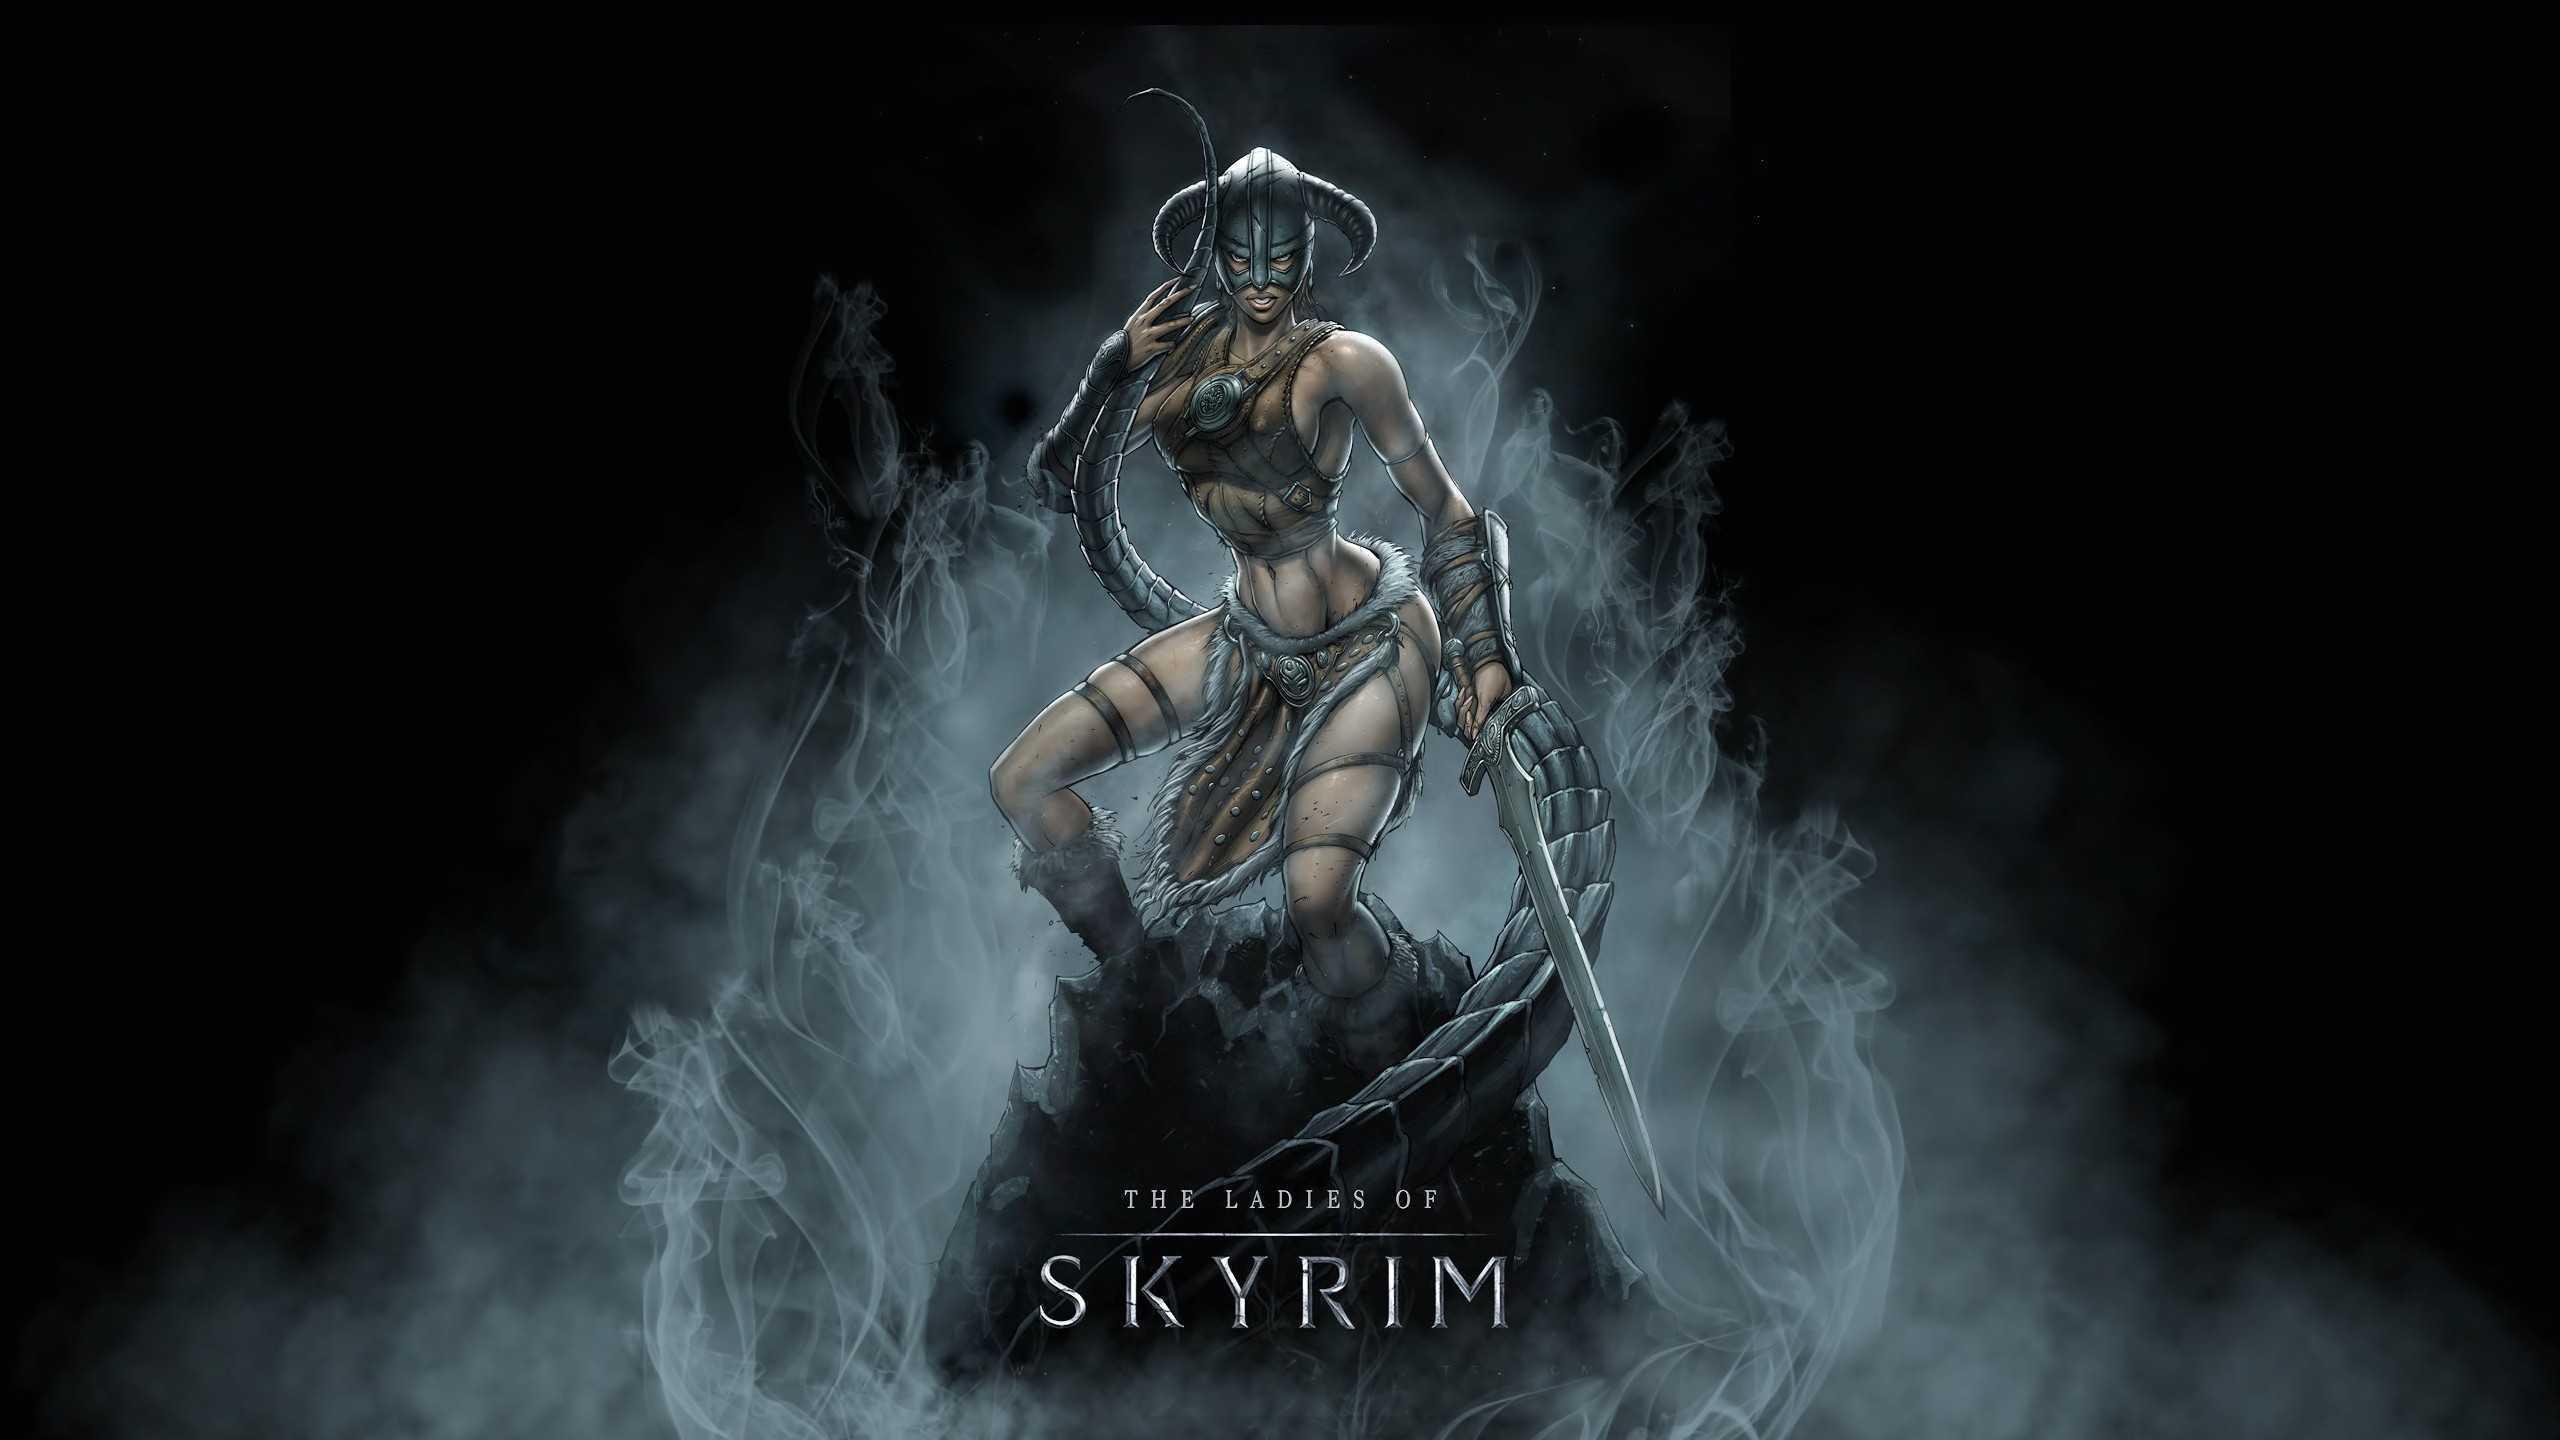 Dragon Skyrim Hd Desktop Wallpaper